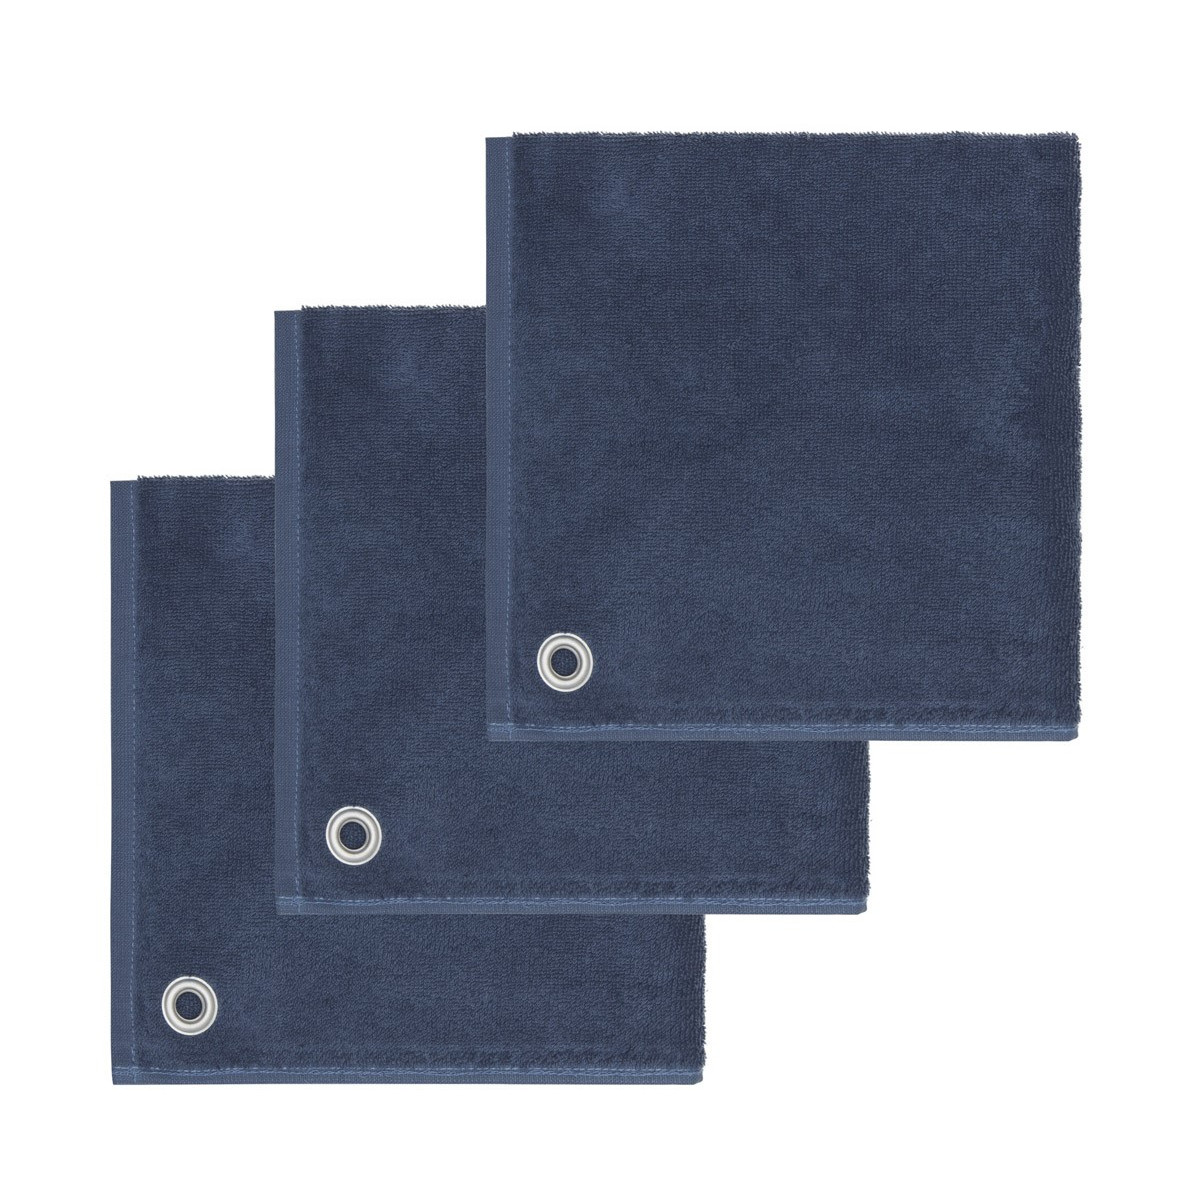 AMAIA - Lot de 3 torchons carrés avec œille Indigo 50x50 cm